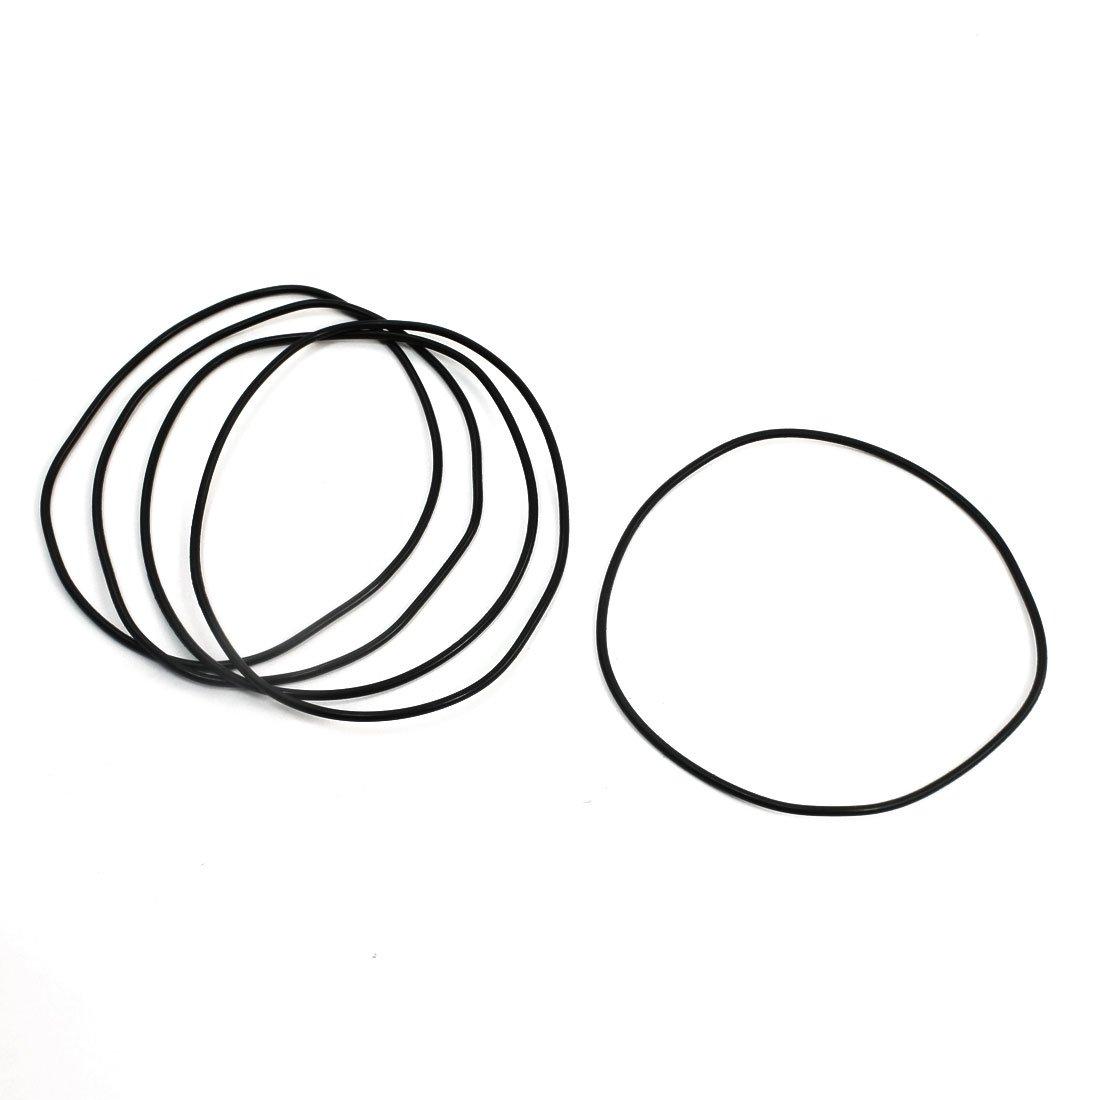 5 85 x 2 mm Flexible Gummi-Dichtungen Sealed O-Ringe Dichtungen Schwarz